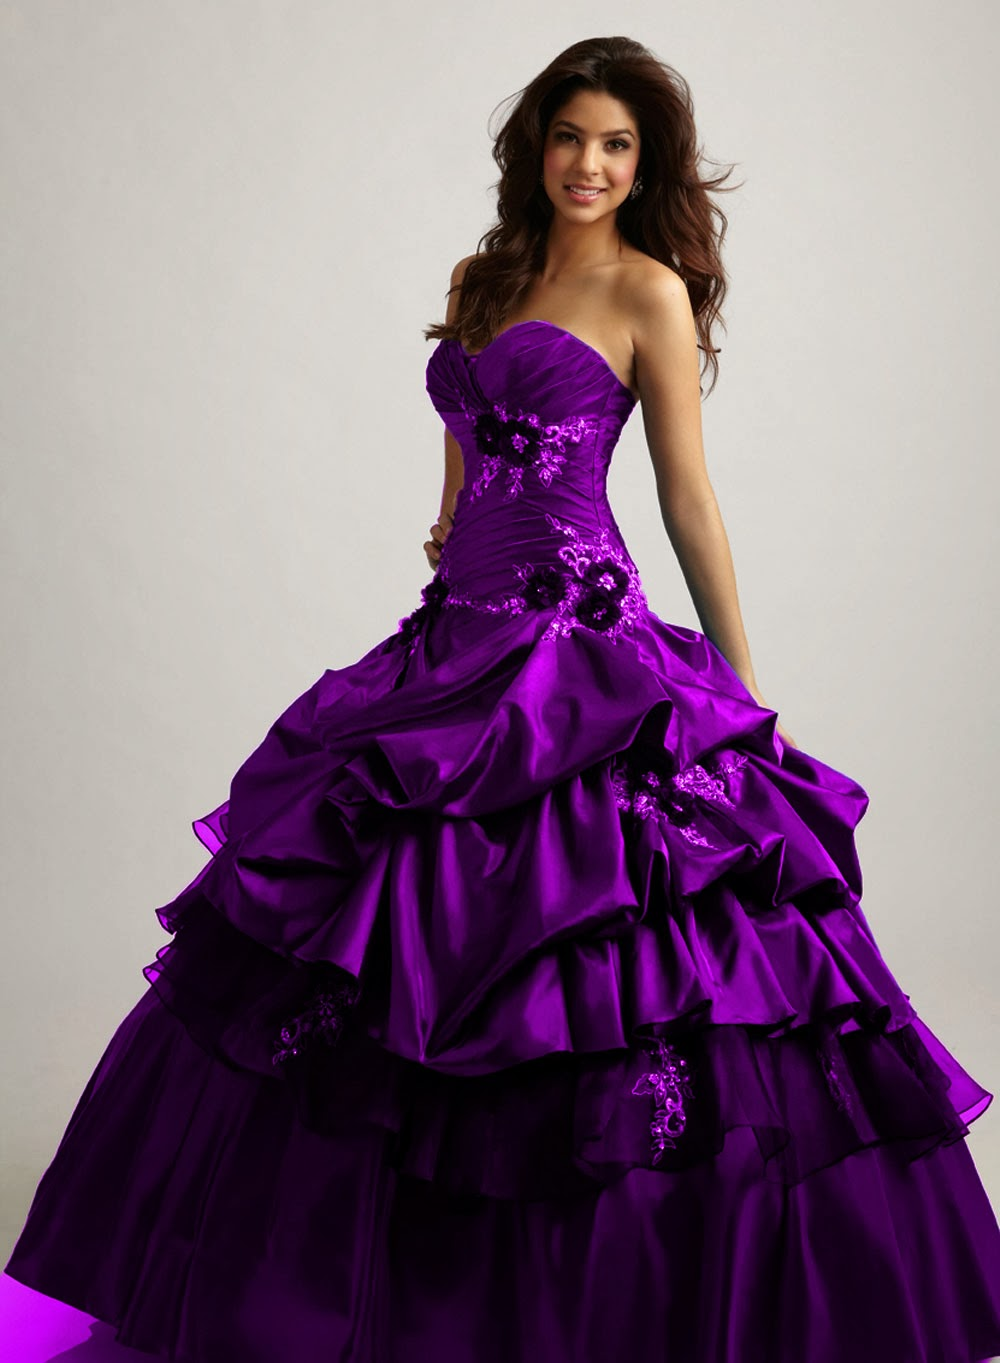 Купить Платье Для Бала